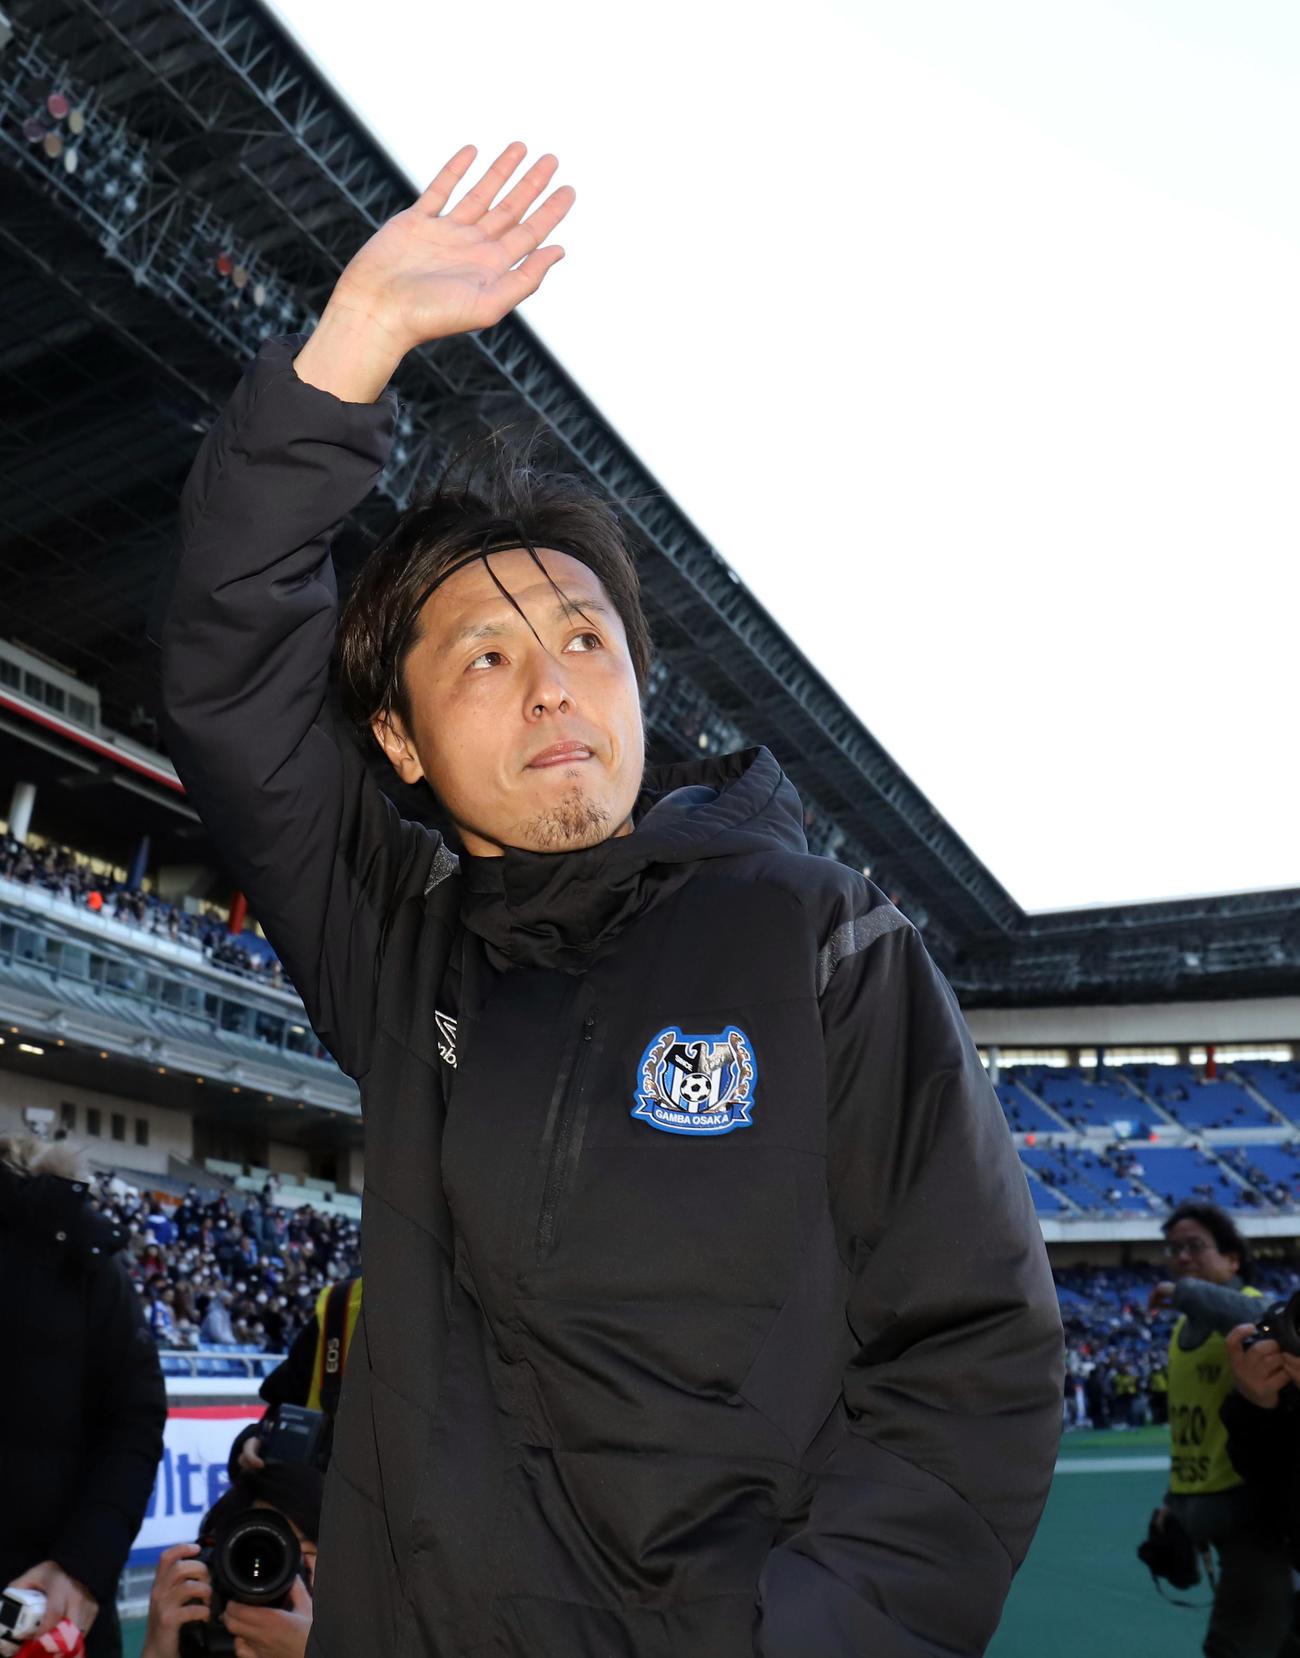 横浜対G大阪 試合後、J1通算出場記録に並んだG大阪MF遠藤はサポーターの声援に応えながら引き揚げる(撮影・垰建太)